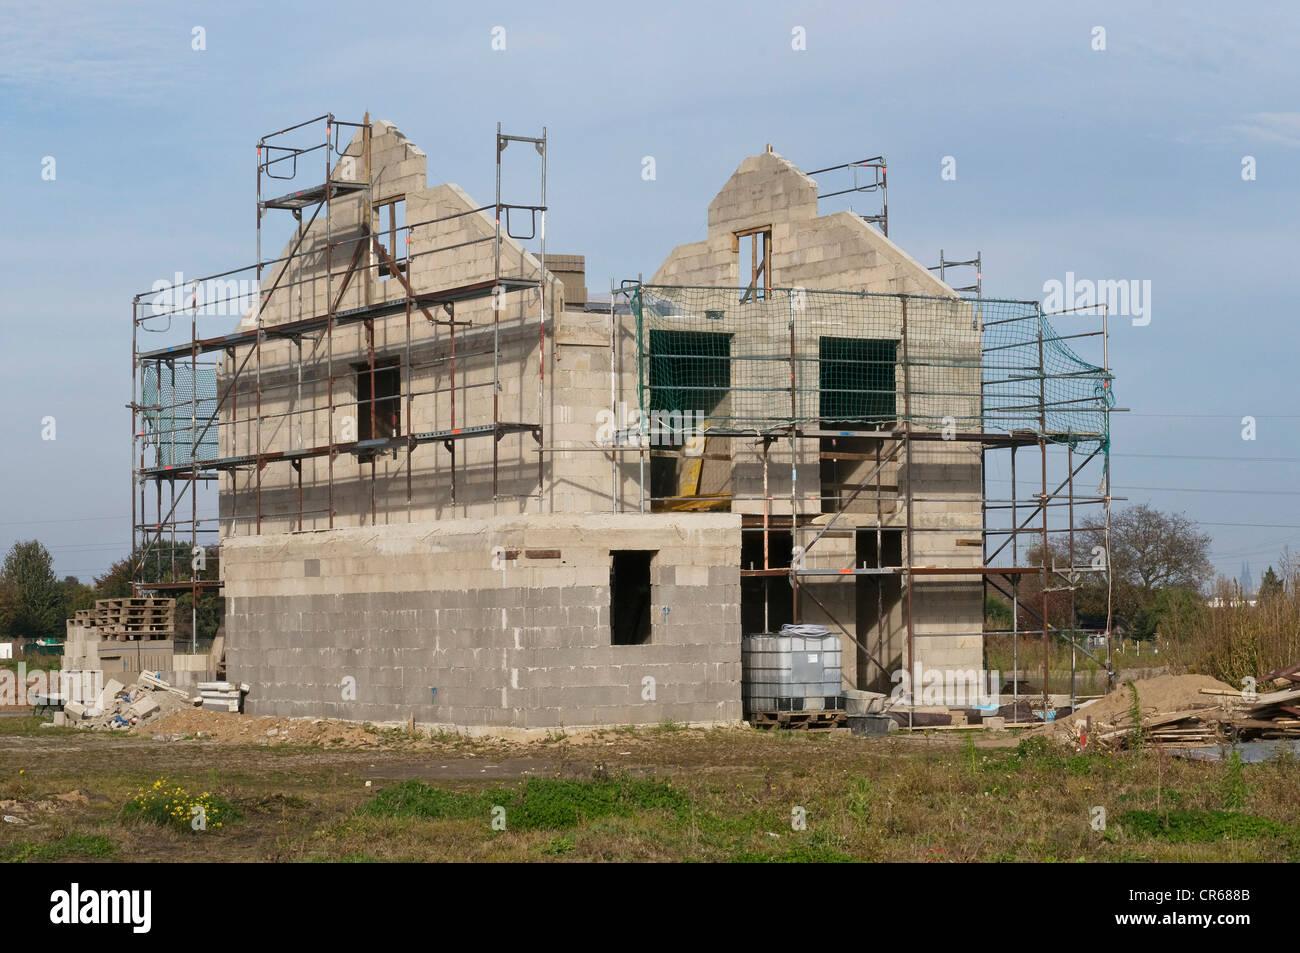 Rohbau, umgeben von Gerüste, Vorbereitung auf Dachstühlen, privaten Residenz Gebäude, PublicGround Stockbild